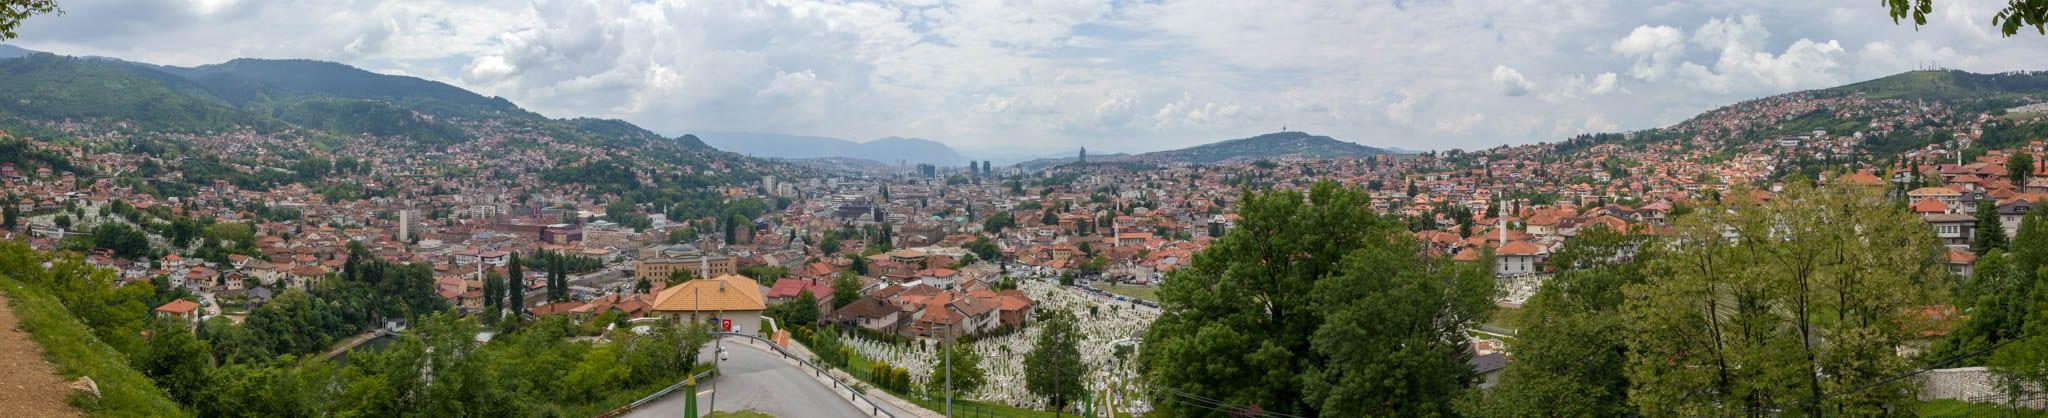 Sarajevo May 2018